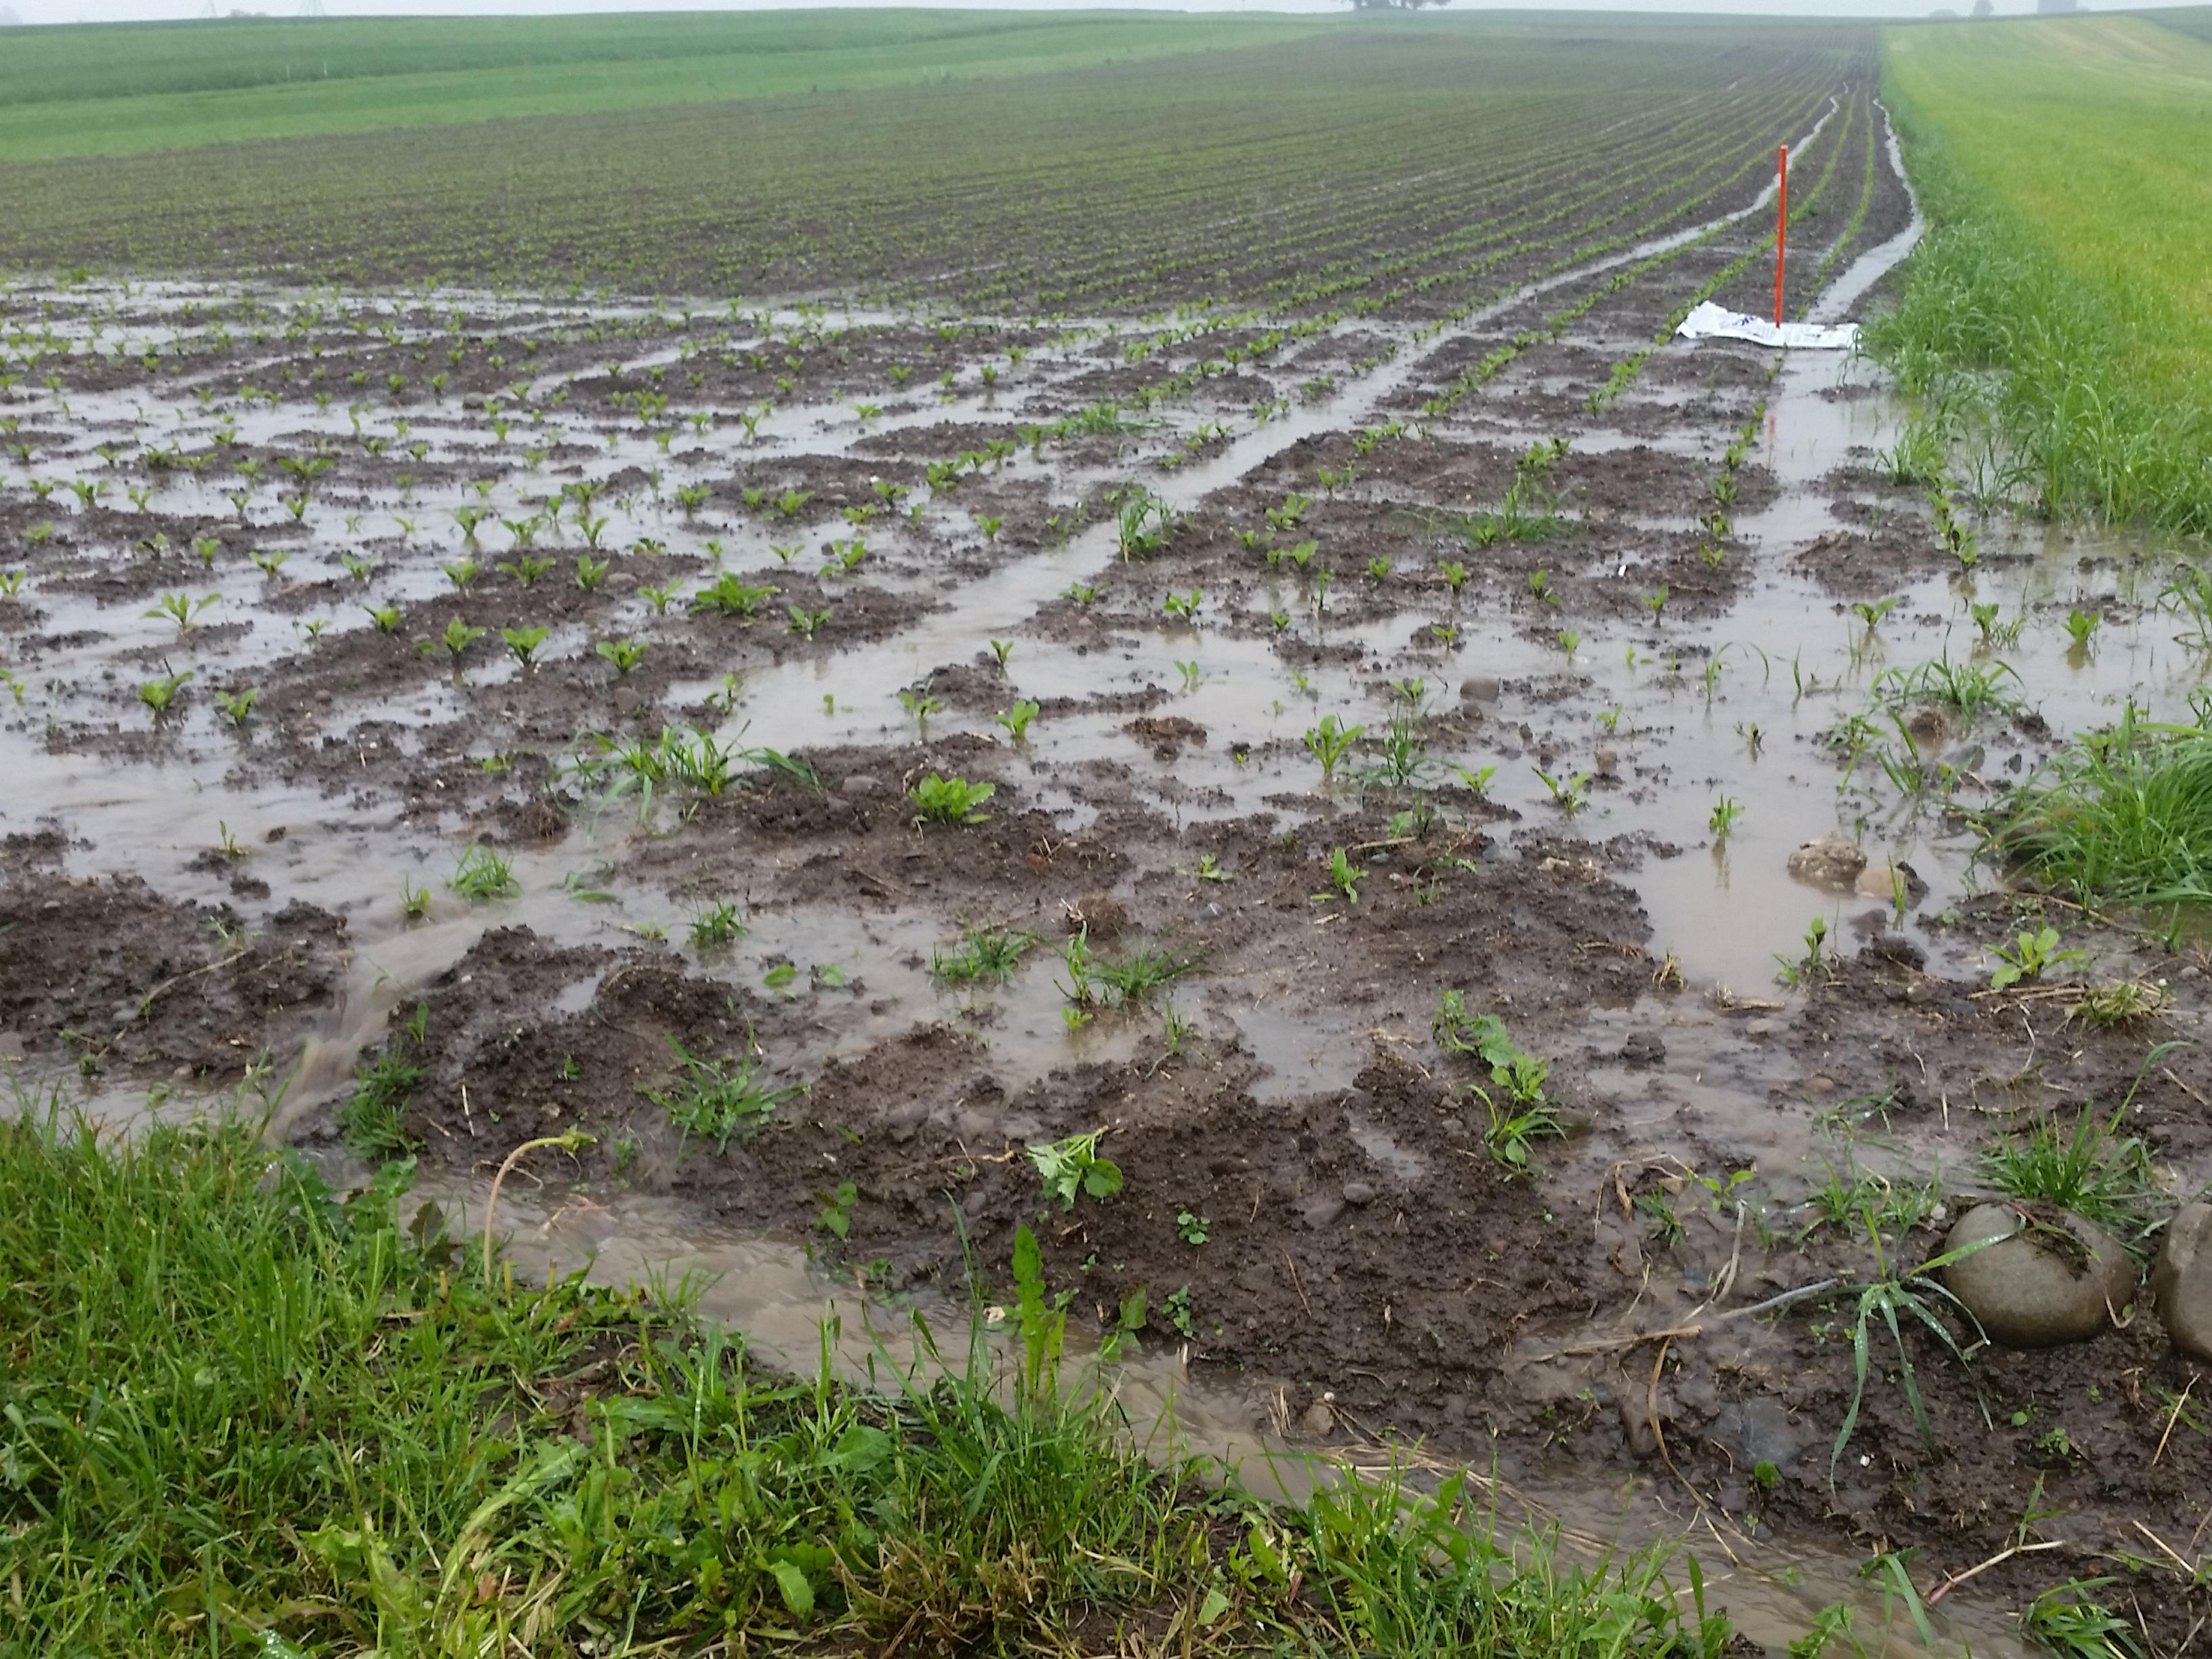 Nach einem Starkniederschlag kommt es zu Abschwemmung. Neben wertvoller Erde werden so auch allfällig ausgebrachte Pflanzenschutzmittel ausgewaschen.